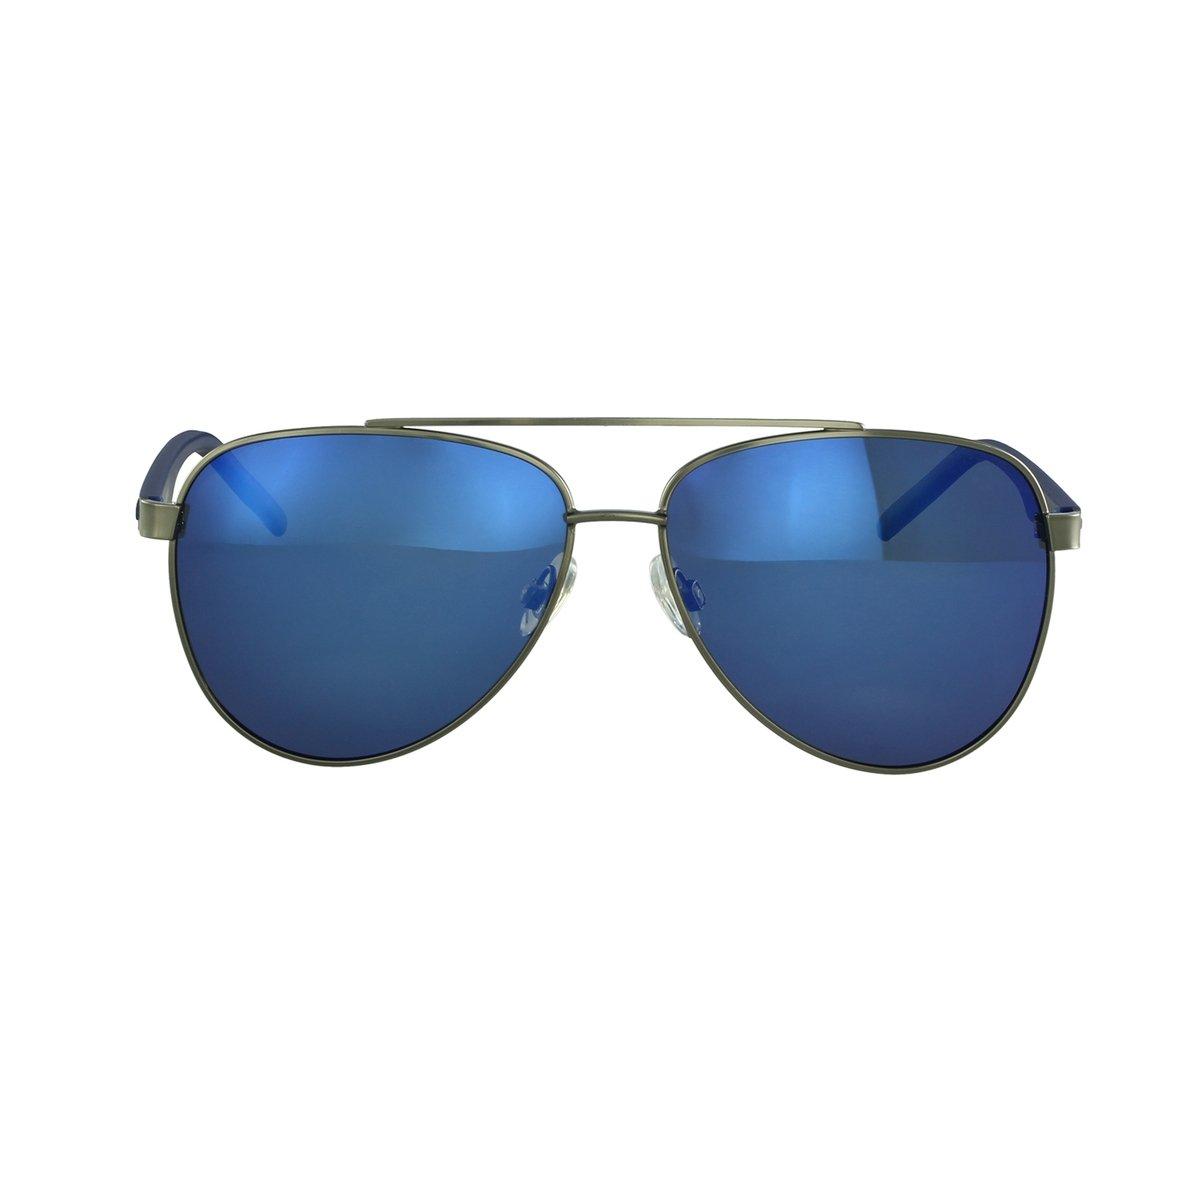 b43e321be91b0 Óculos De Sol Polaroid Aviador - Compre Agora